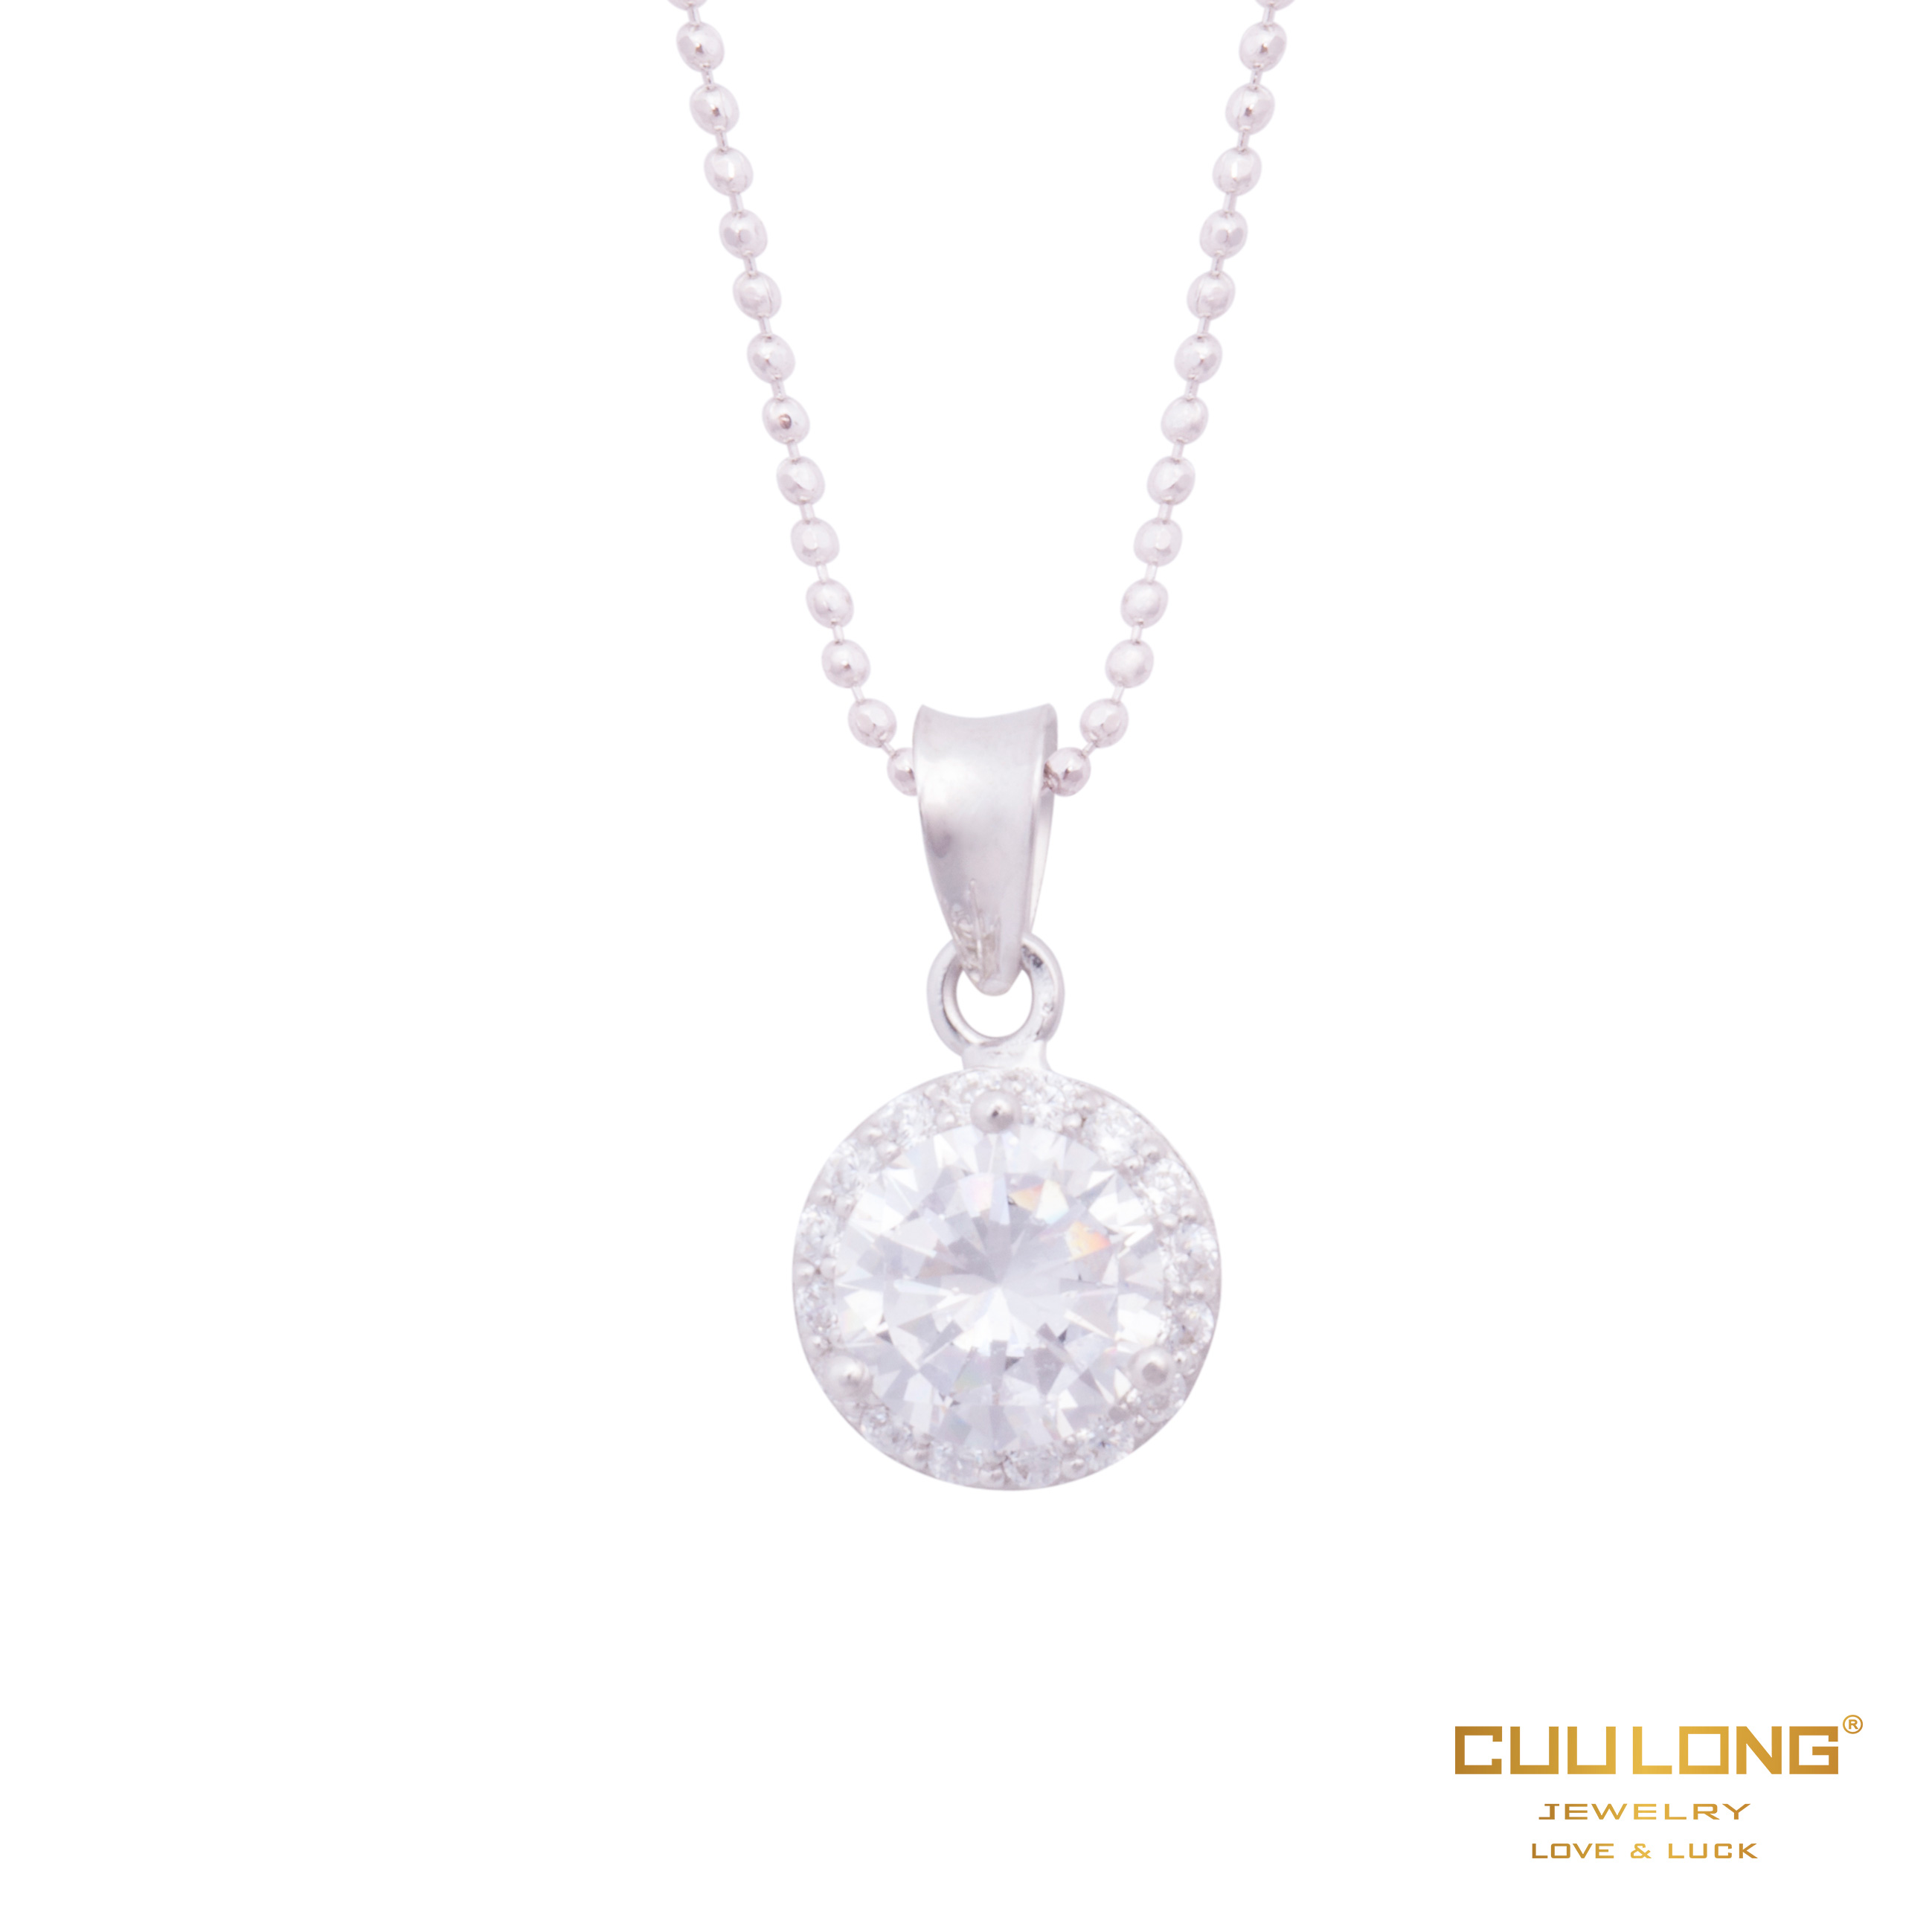 Cửu Long Jewelry ưu đãi 20% - tặng mặt dây chuyền sang trọng mùa Giáng Sinh